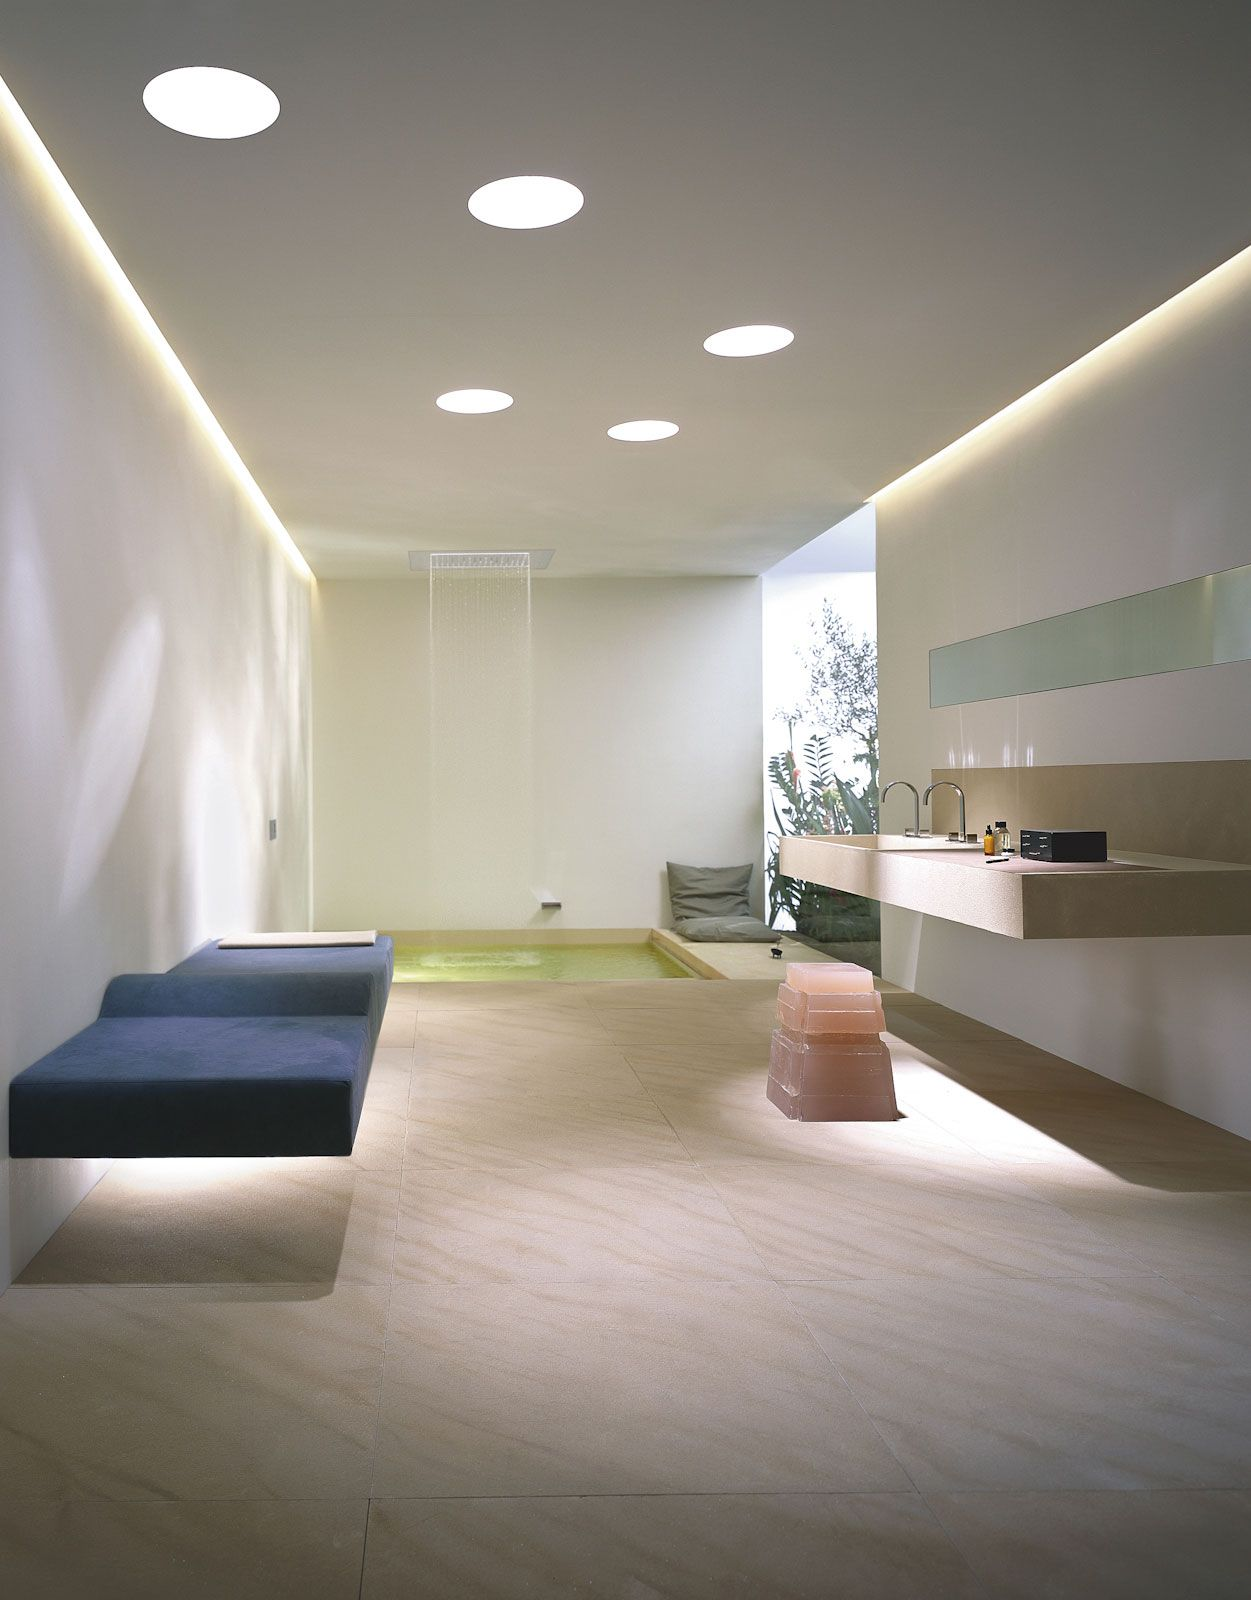 10 fotos de baños modernos espectaculares | Bath, Bathroom designs ...